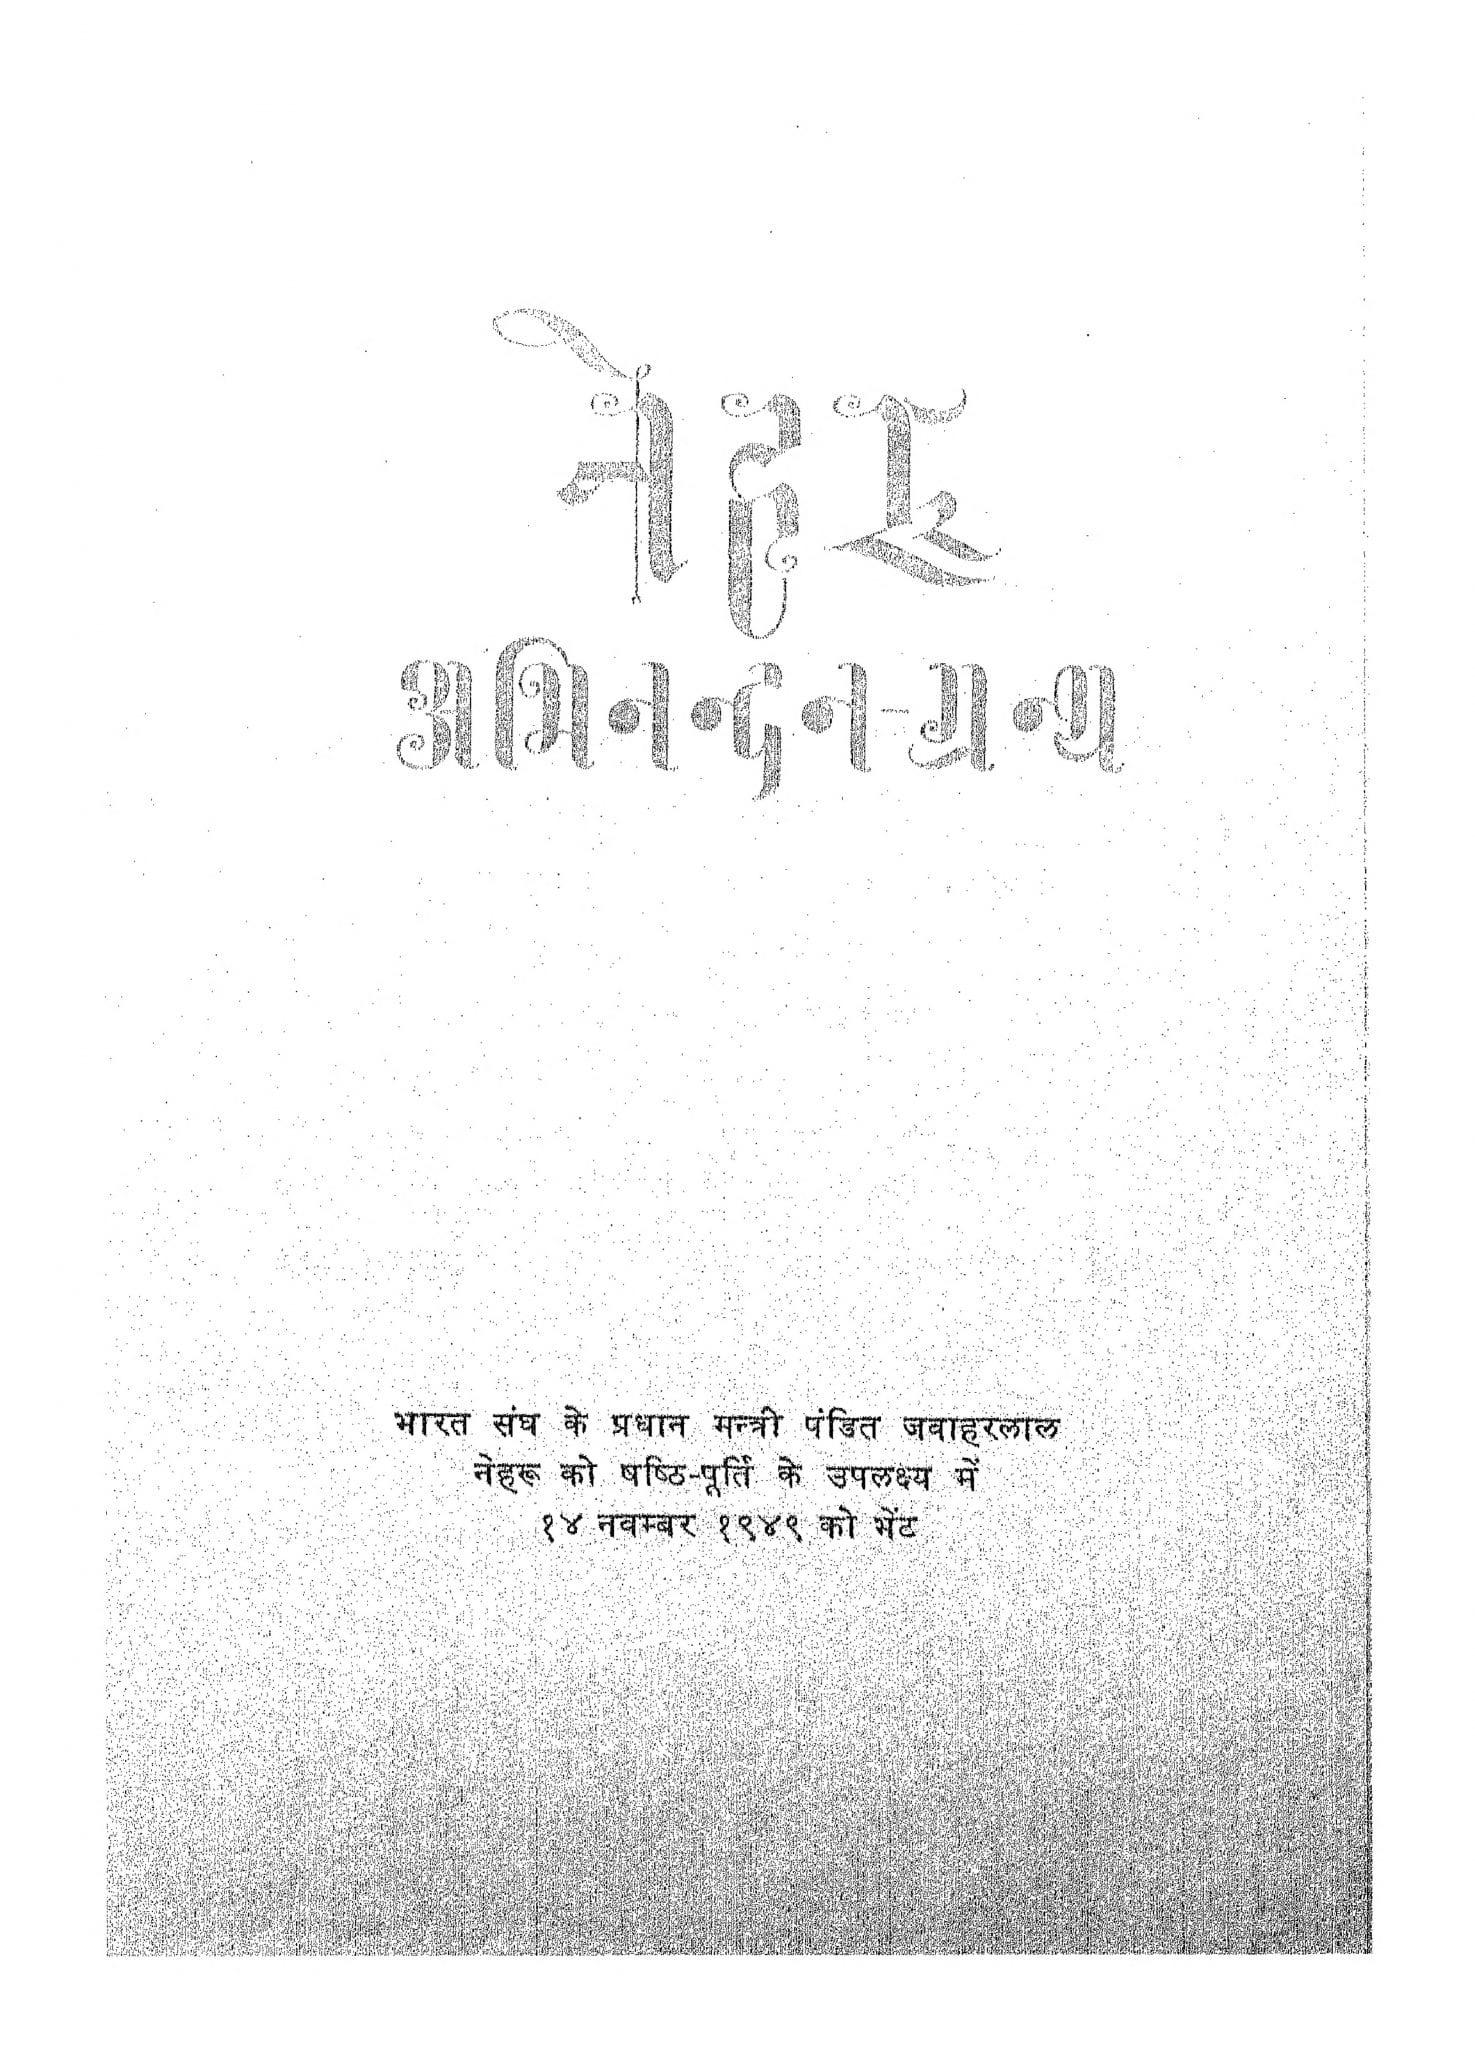 Book Image : नेहरु अभिनन्दन ग्रन्थ - Nehru Abhinandan Granth